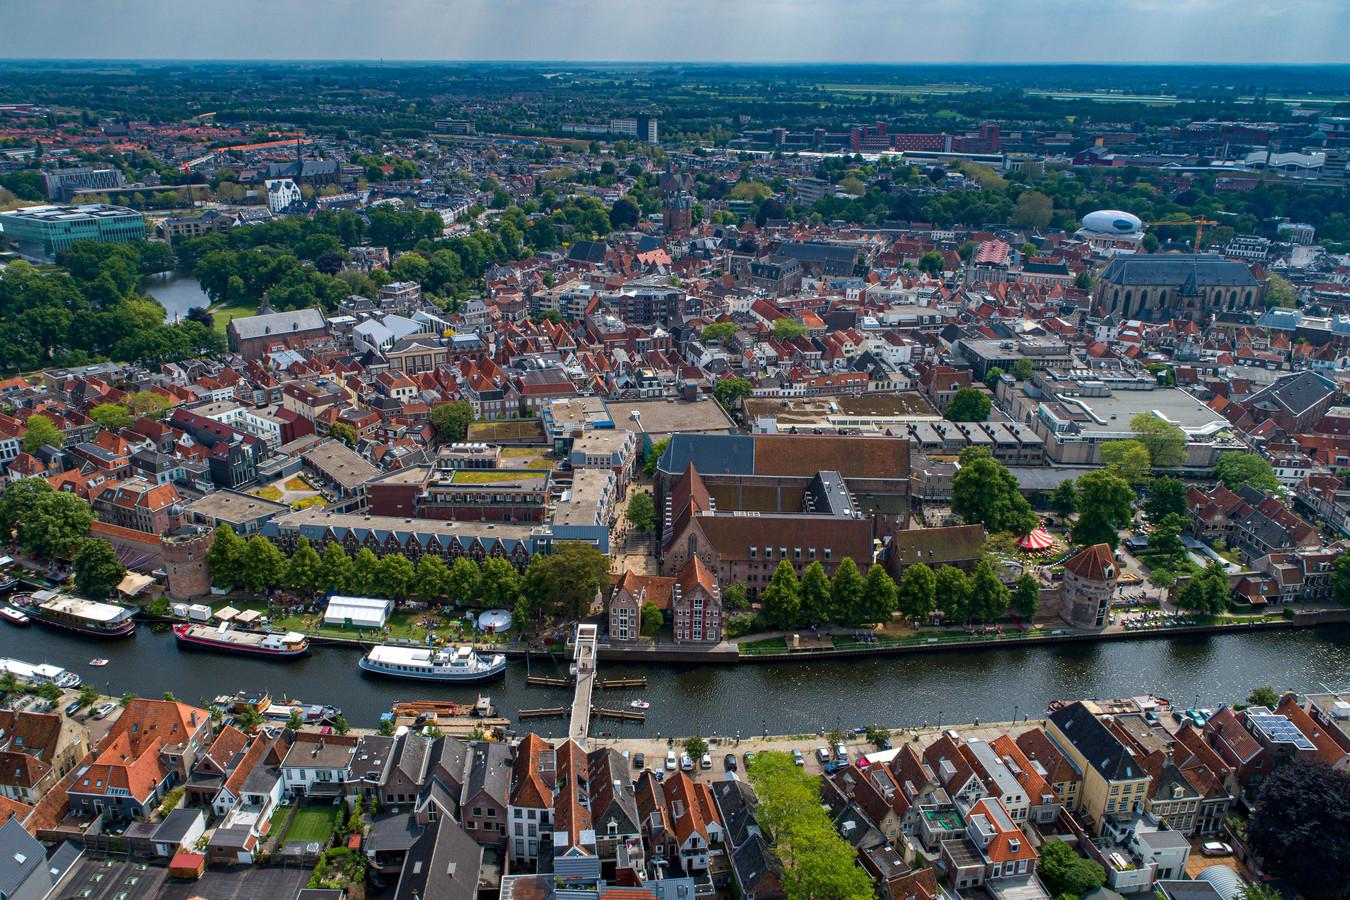 De binnenstad van Zwolle, een populair gebied voor woningsplitsing. Daar wil de gemeente een rem op.